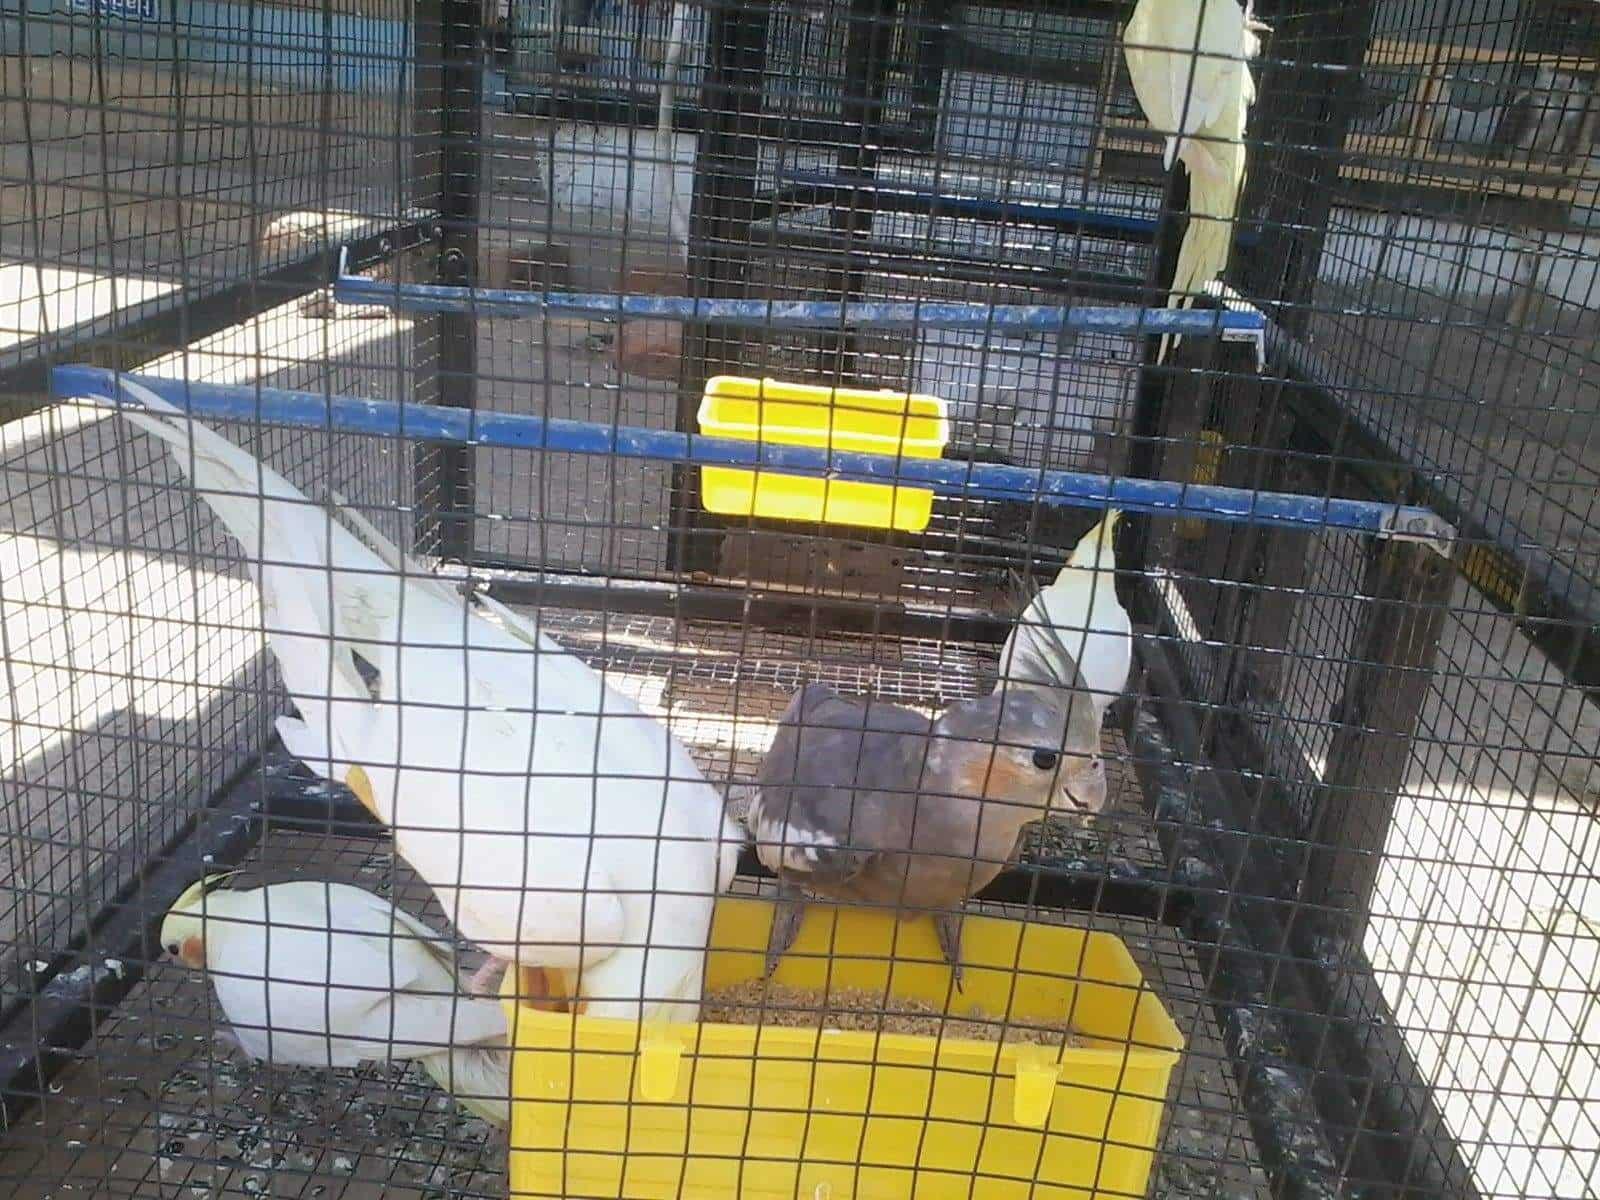 OMR Classic Pet Shop & Aquarium Perungudi Pet Shops in Chennai